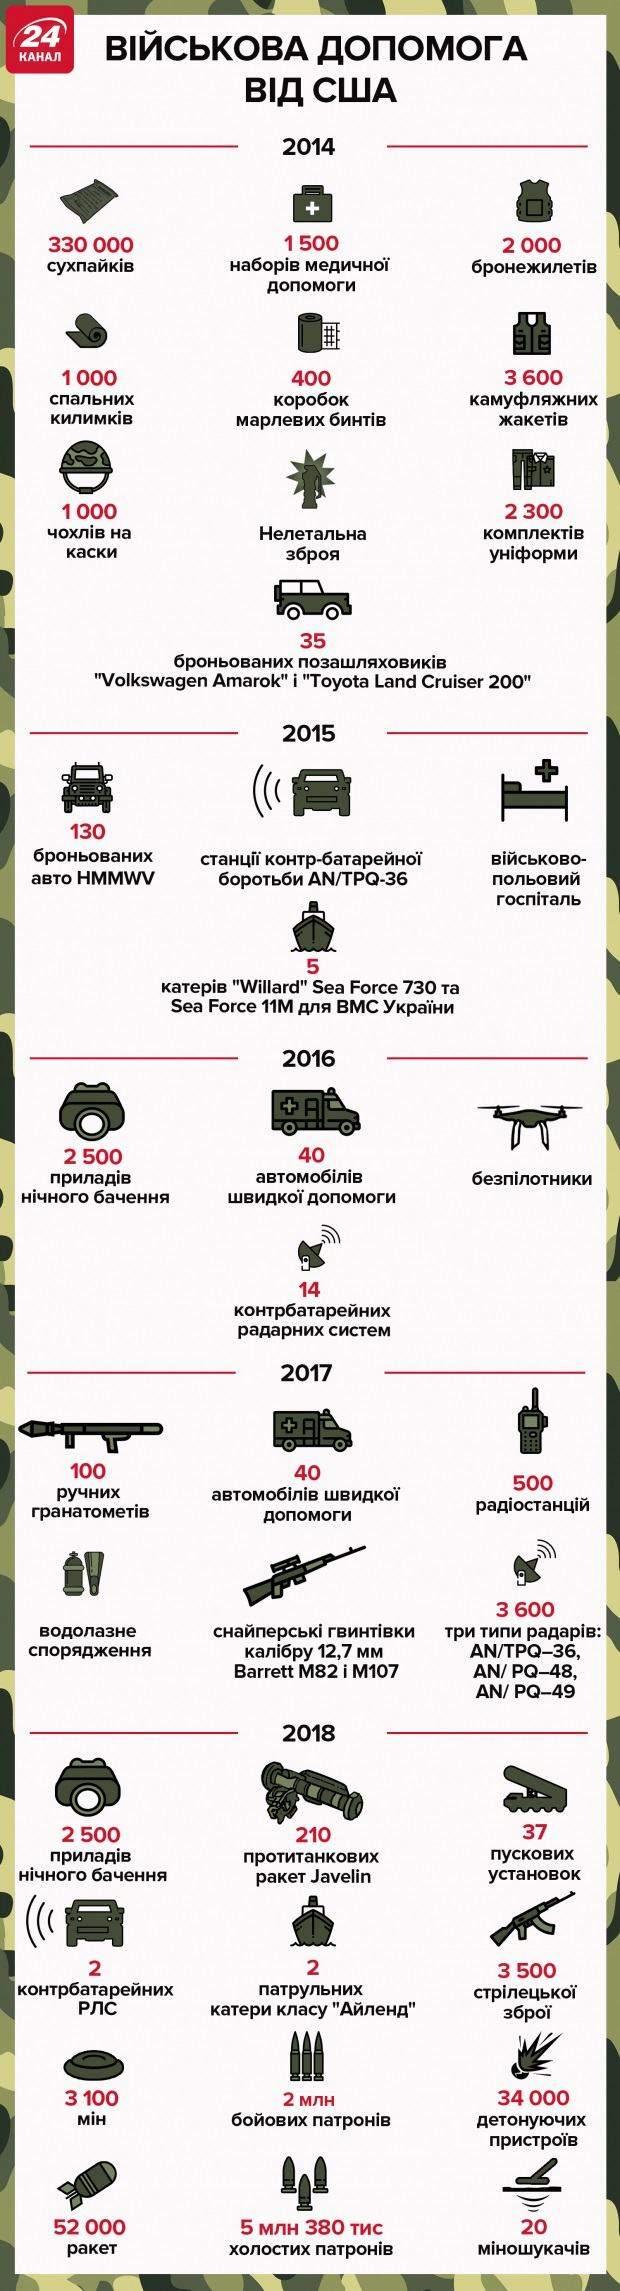 Конгрес США затвердив бюджет, який передбачає 300 мільйонів доларів для армії України